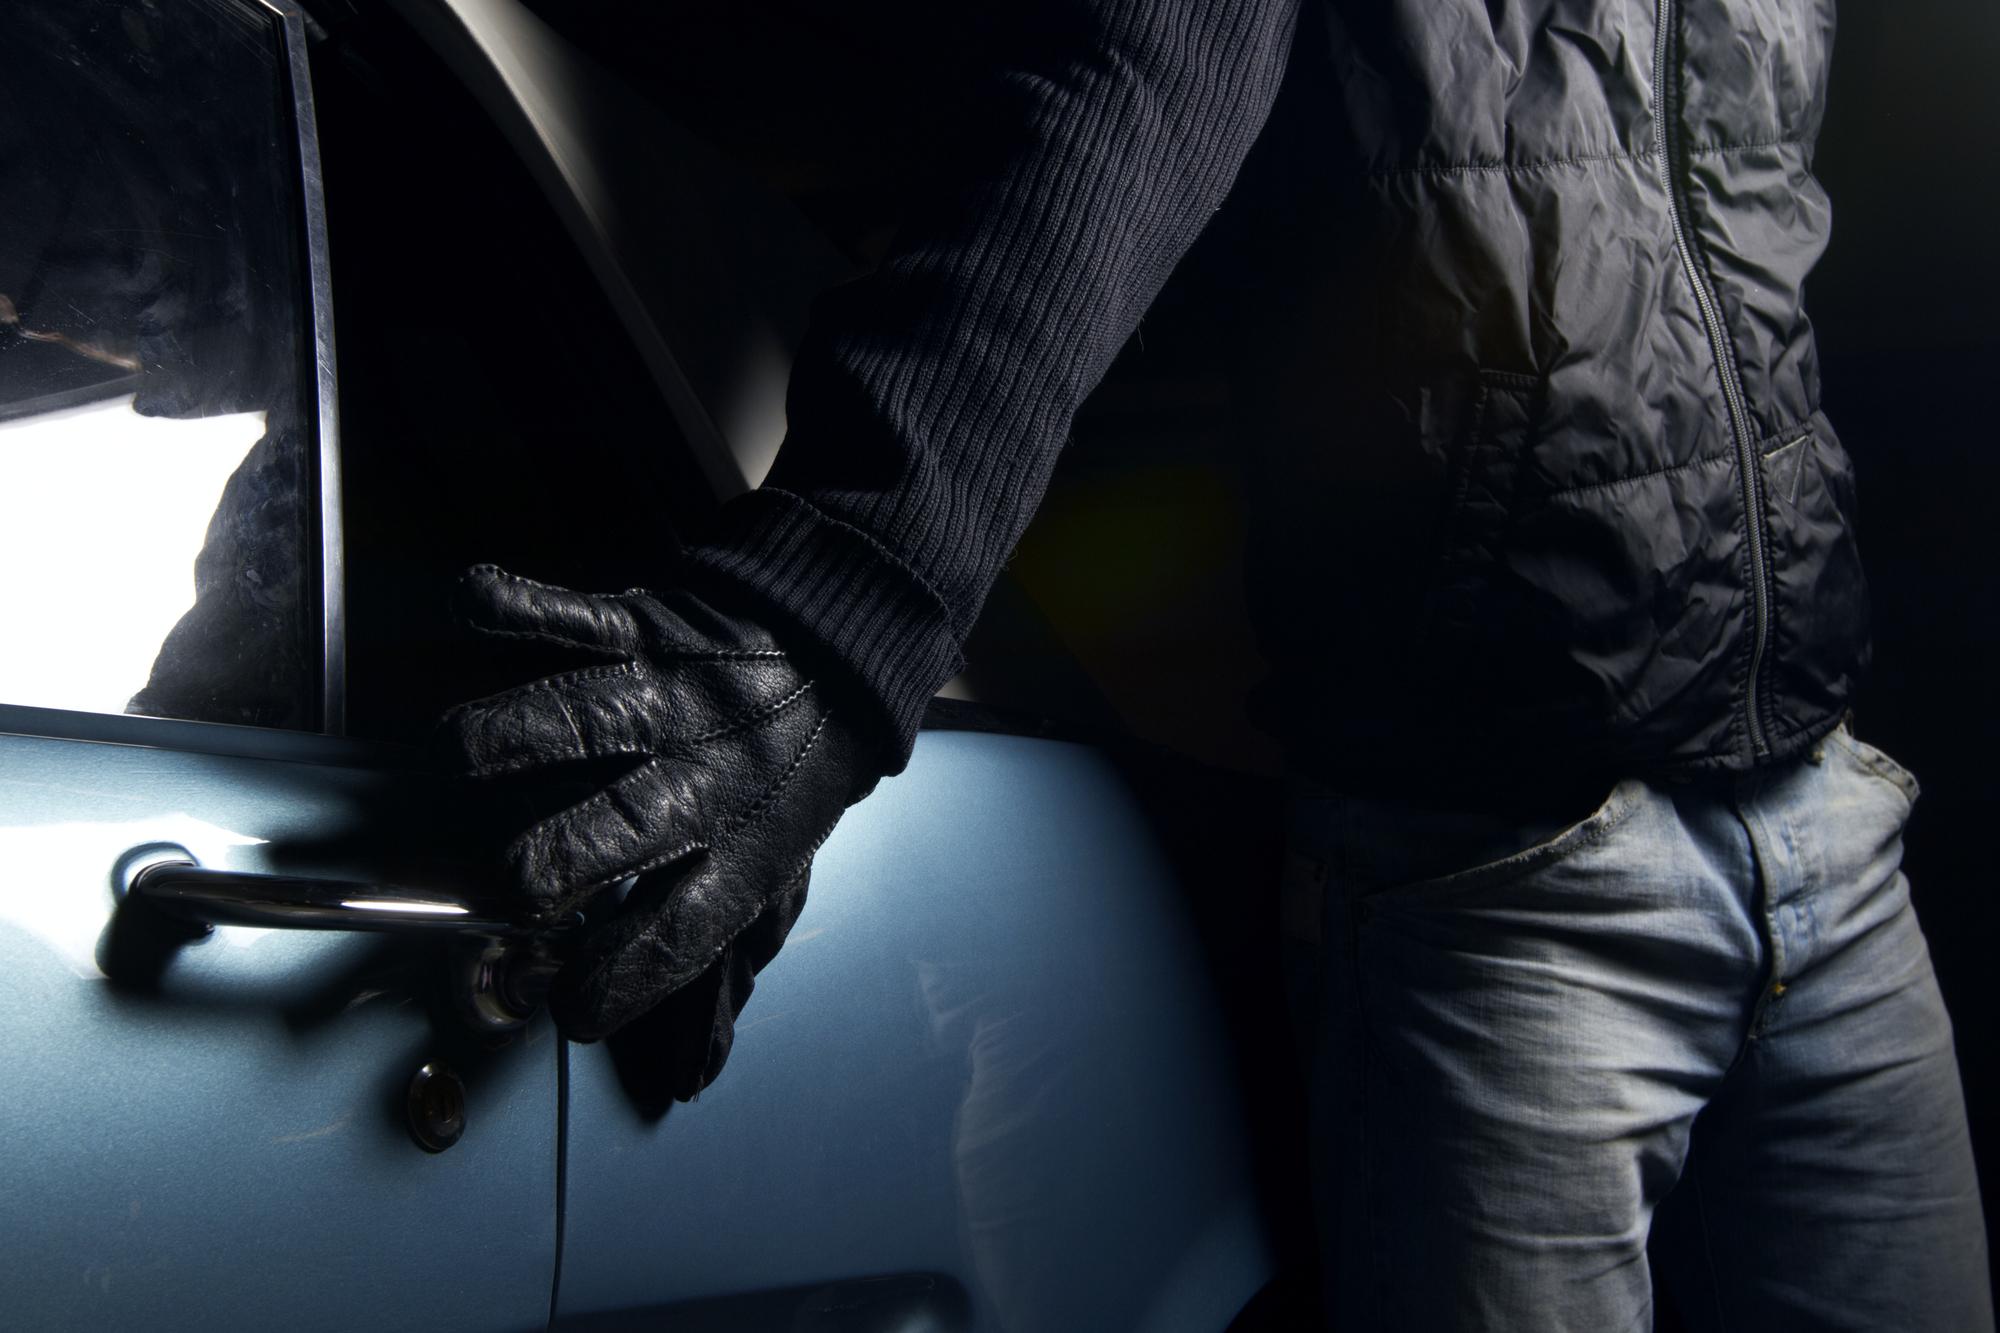 Vol dans les voitures: Deux individus arrêtés en flagrant délit